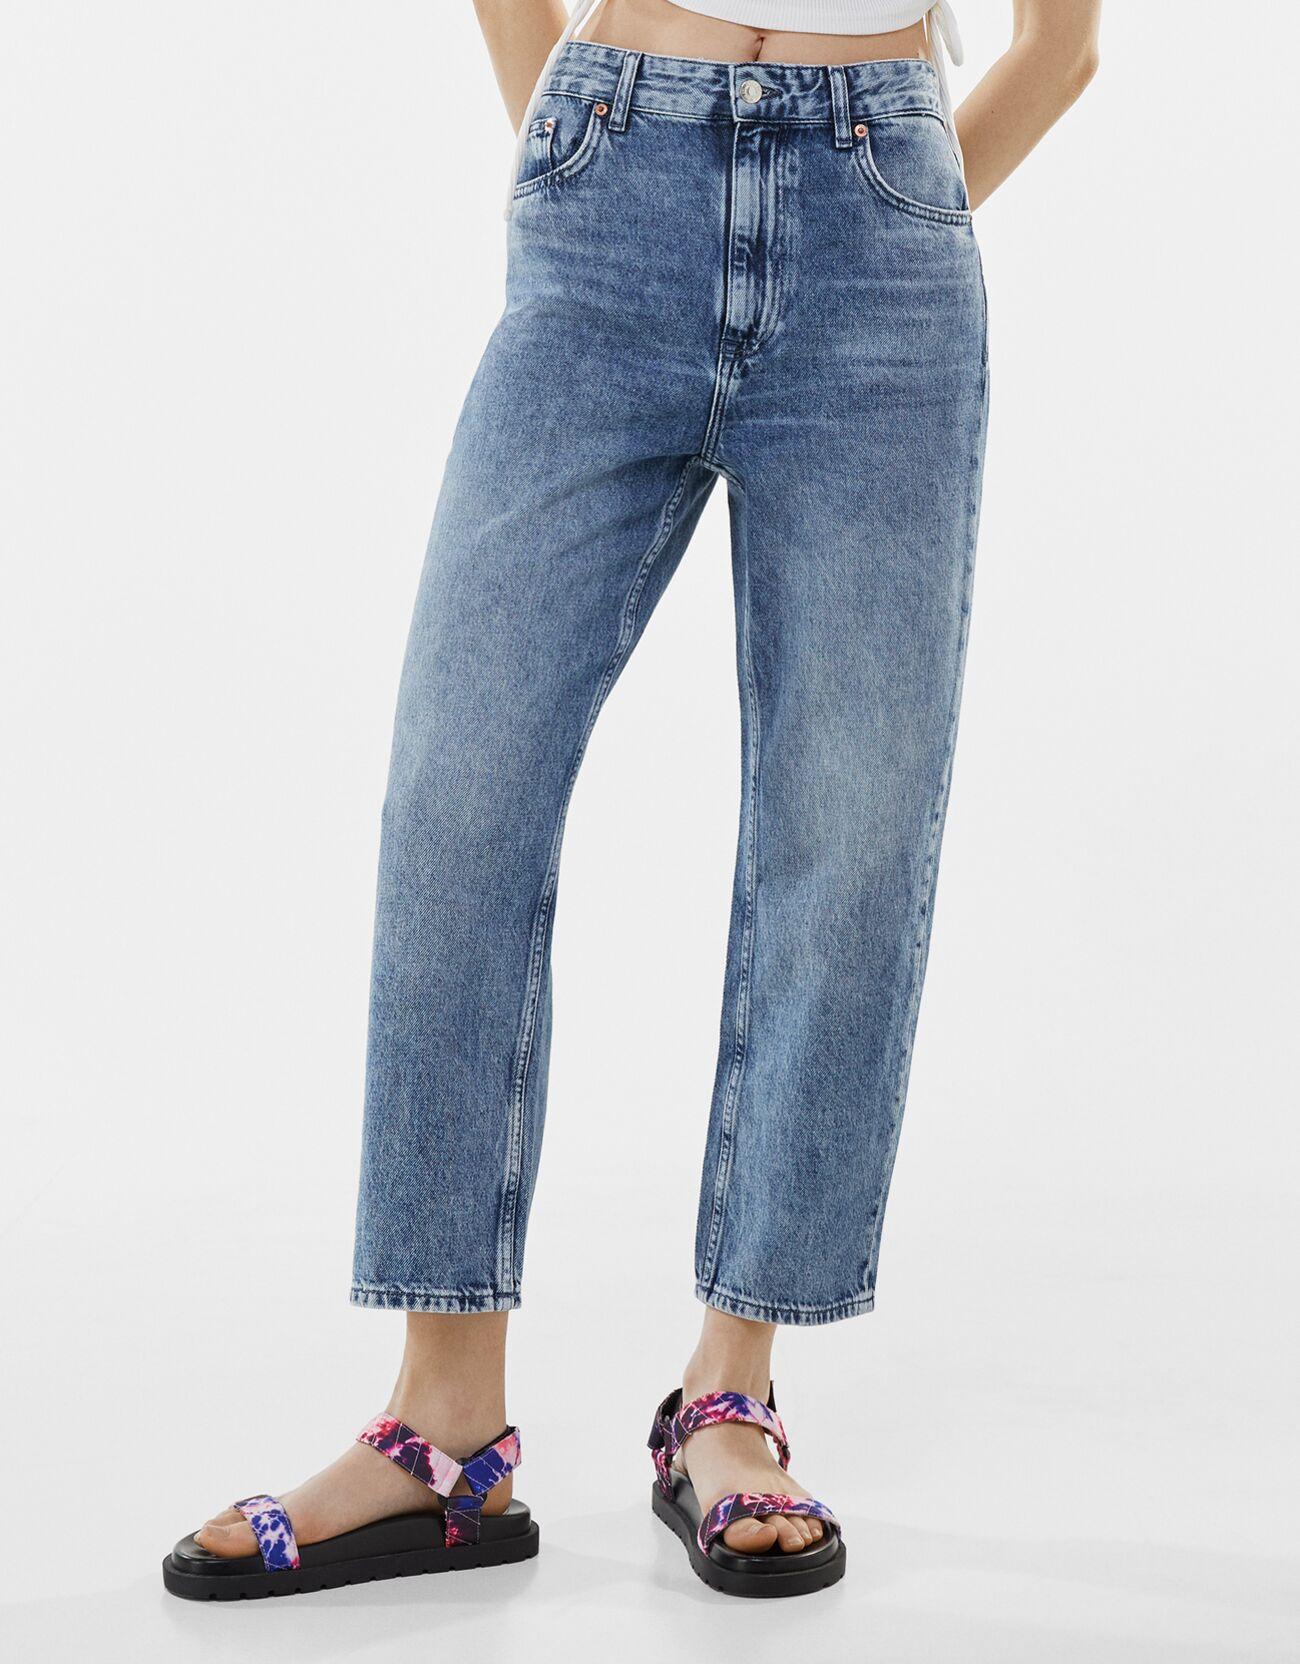 Artikel klicken und genauer betrachten! - Cropped-Jeans Im Straight-Fit Color: Ausgewaschenes Blau Size: 38 Material: Baumwolle Farbe:Ausgewaschenes Blau Größe: 38   im Online Shop kaufen